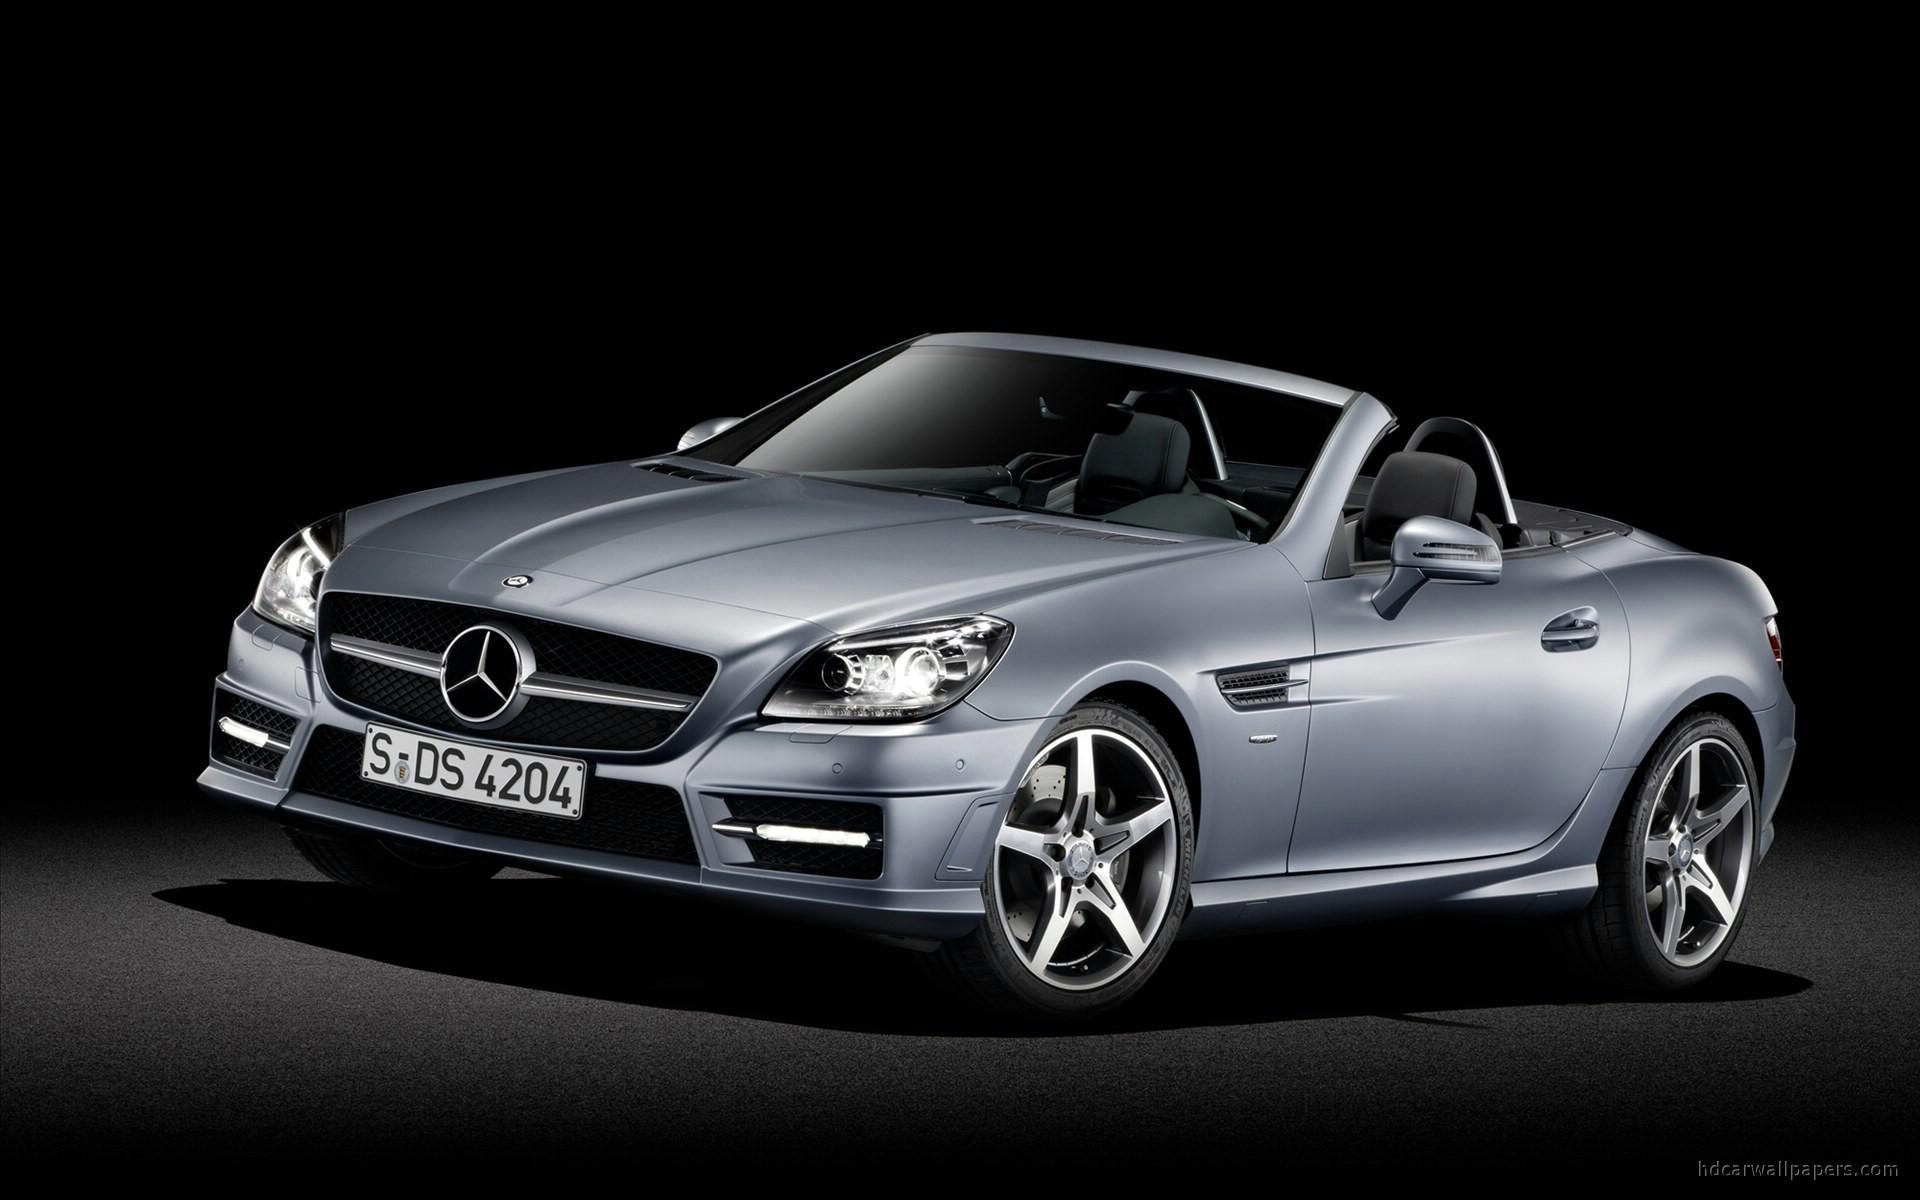 2012 mercedes benz slk roadster 3 wallpaper hd car. Black Bedroom Furniture Sets. Home Design Ideas